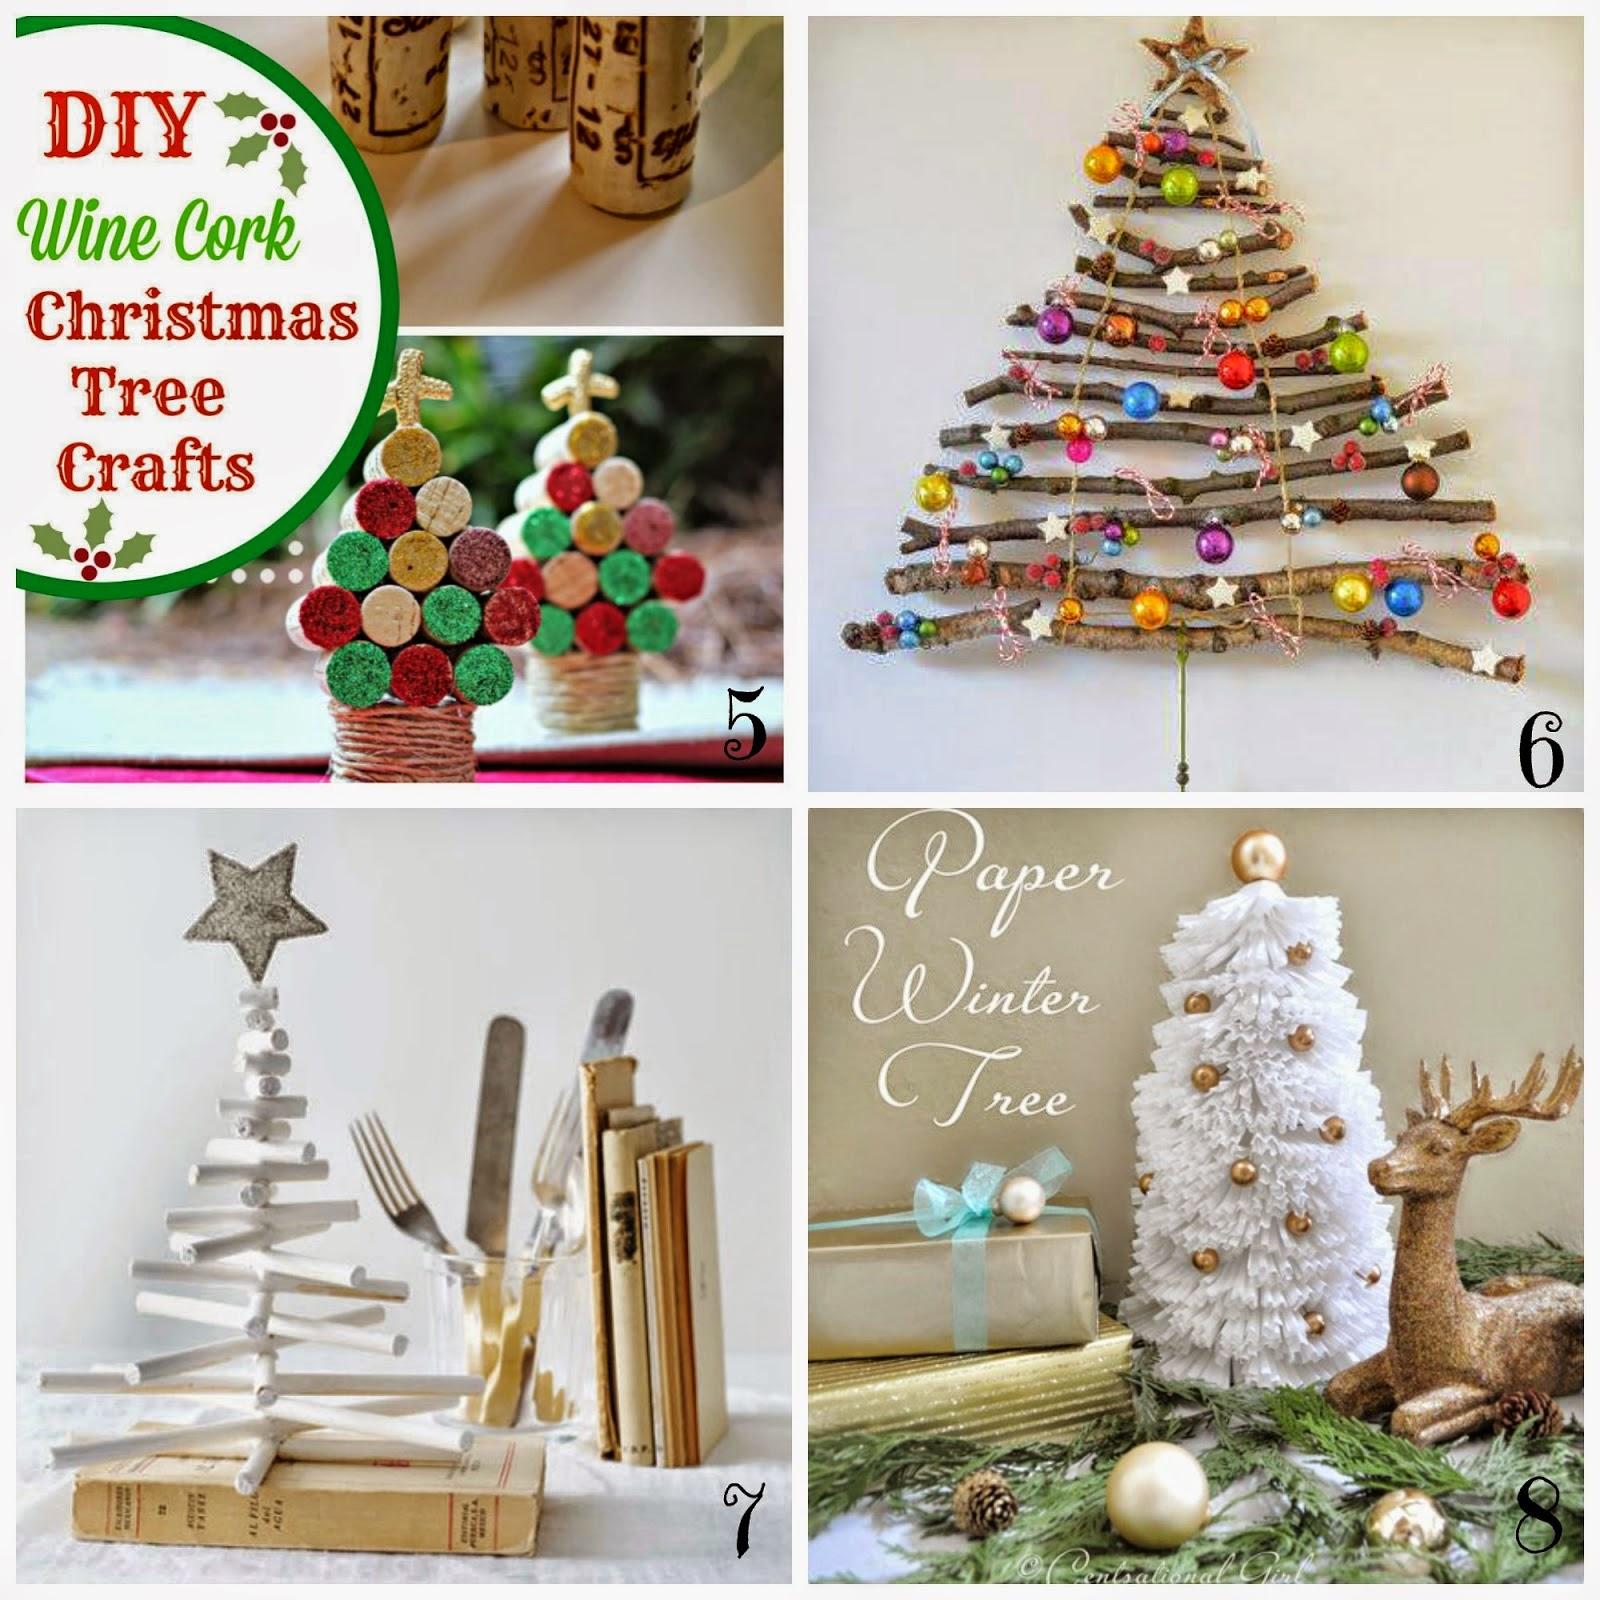 Decorazioni natalizie fai da te insoliti alberi di natale - Decorazioni natalizie legno fai da te ...